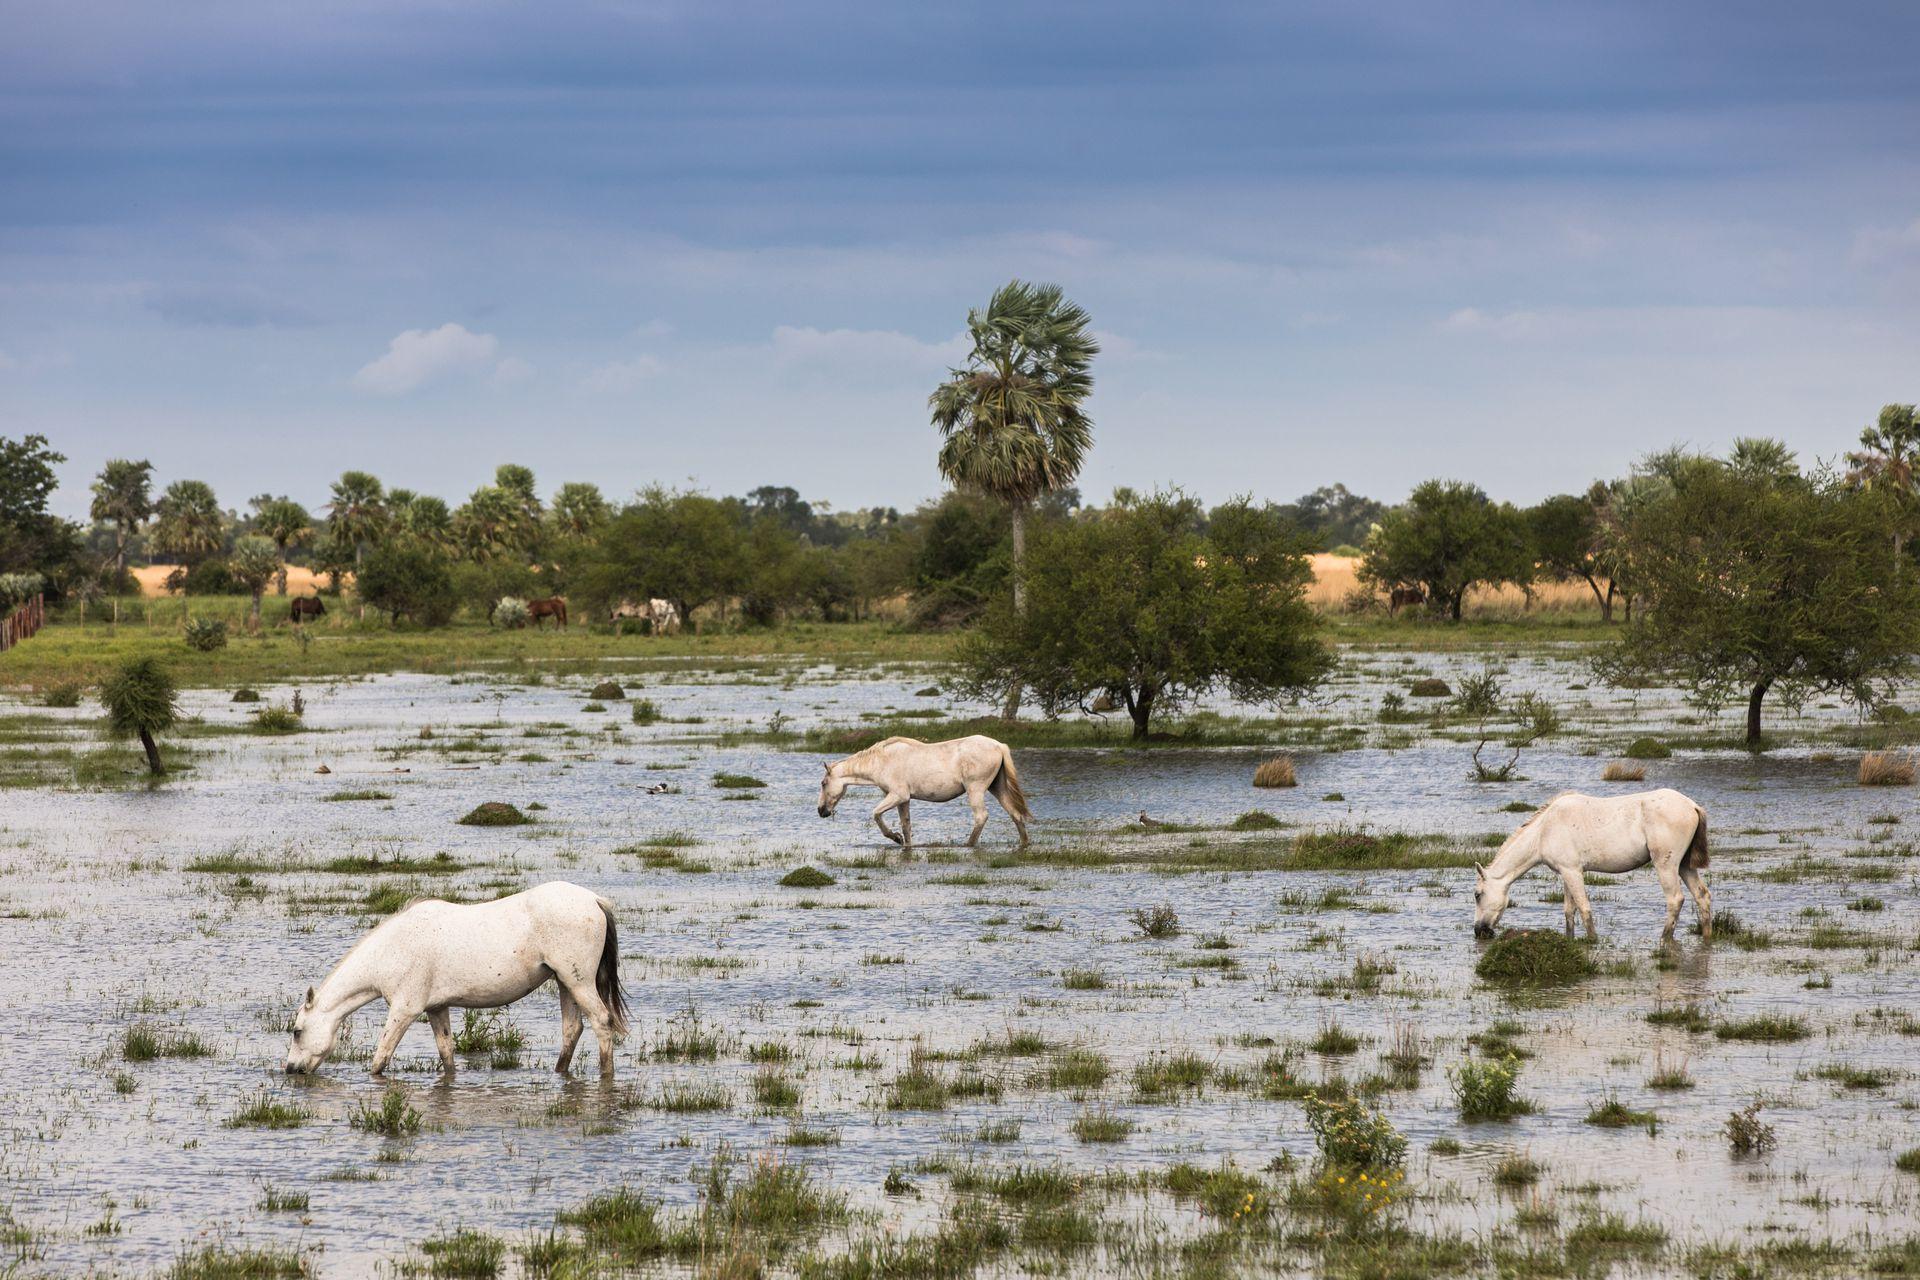 Los caballos pastan y beben en las zonas más bajas de la laguna.